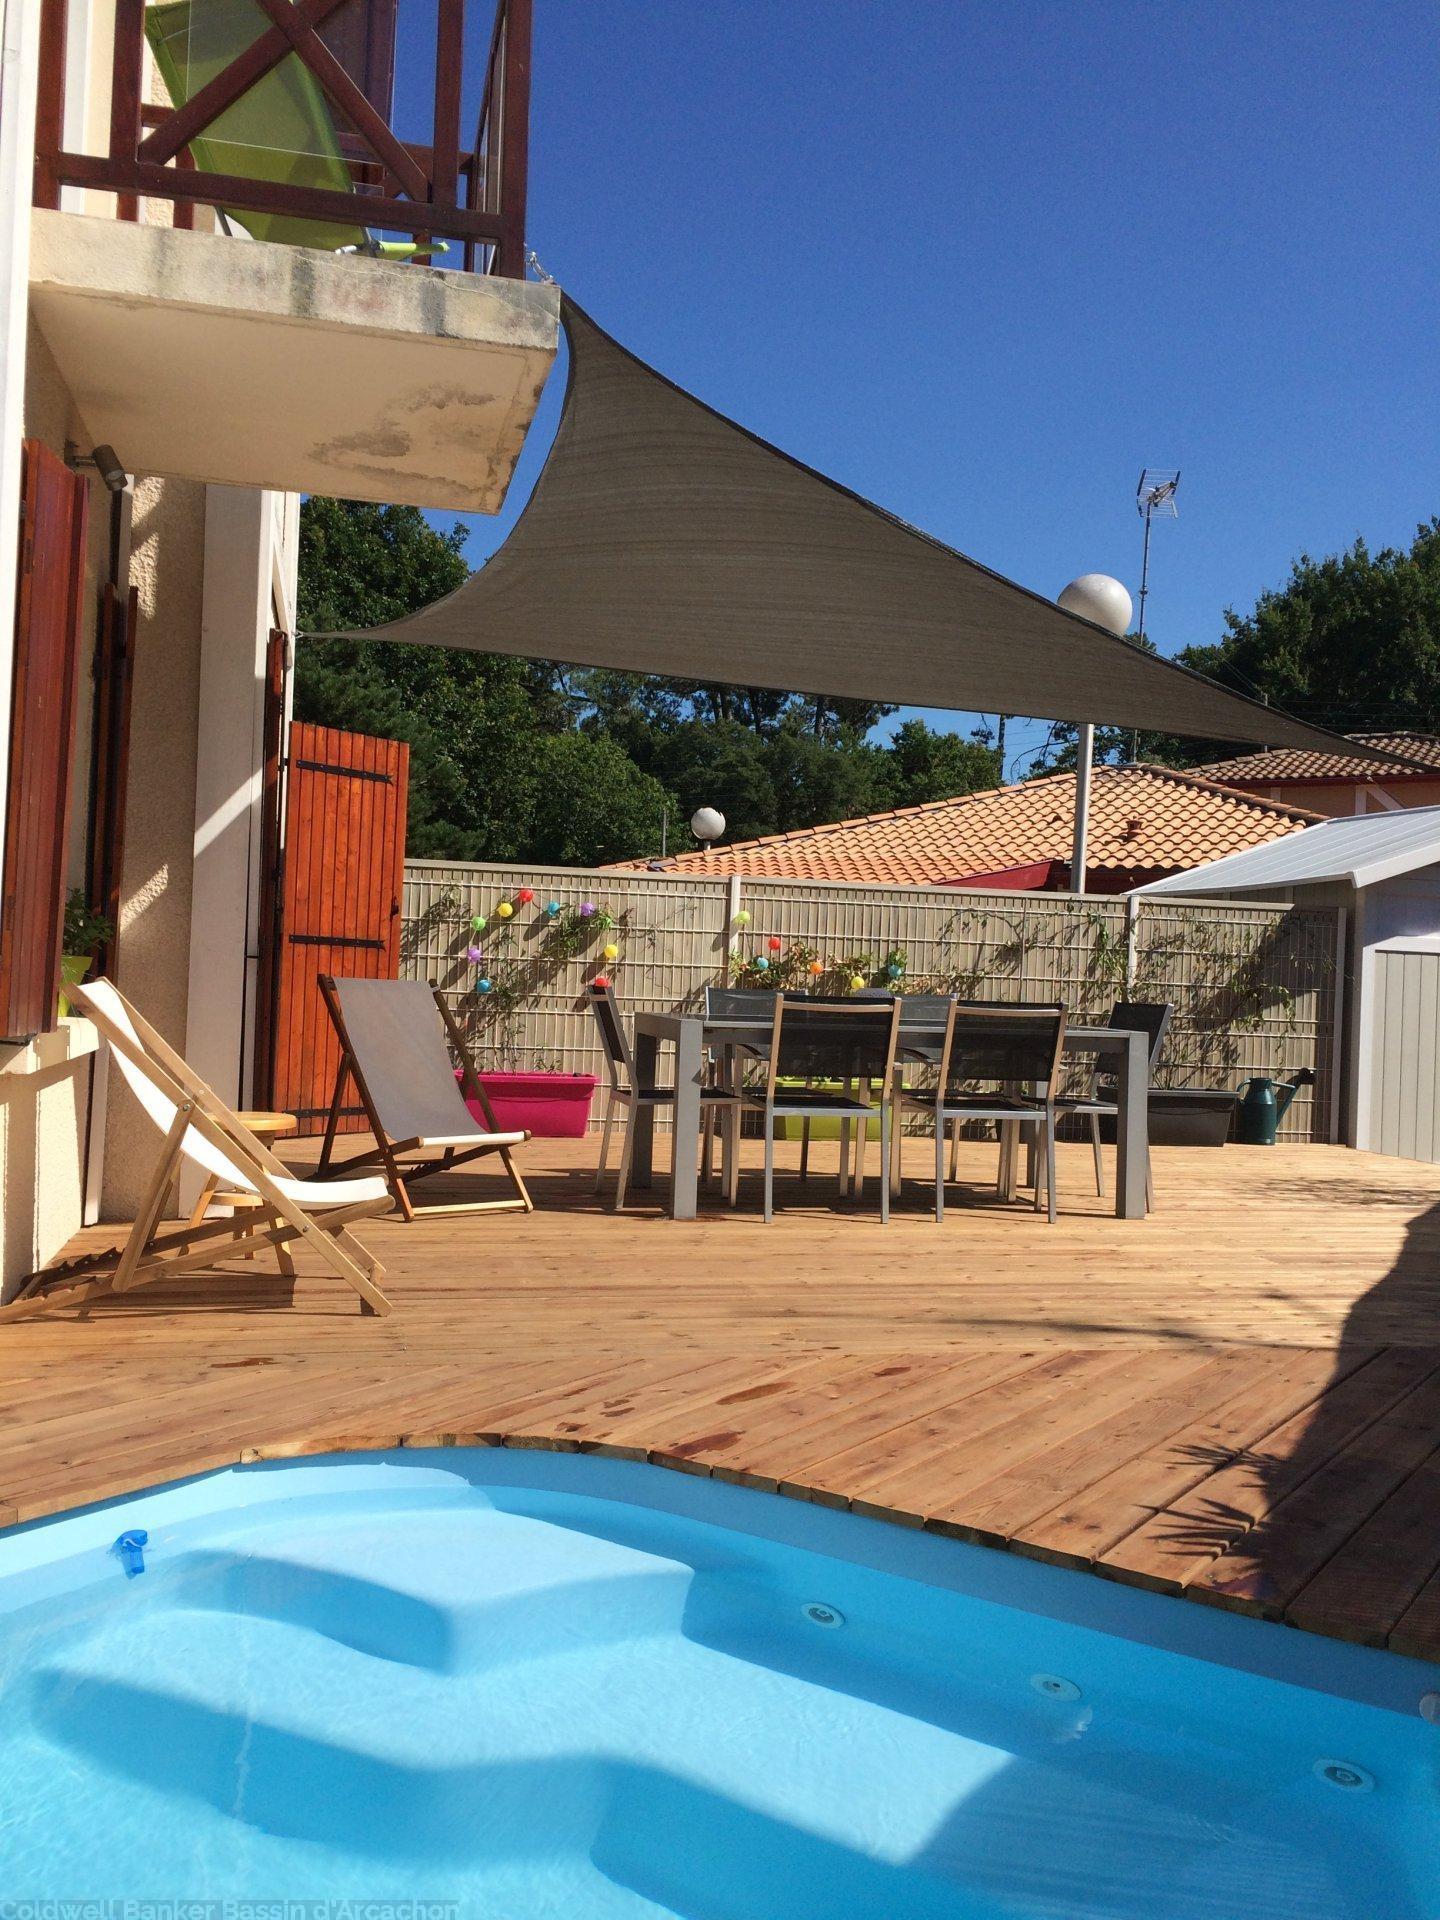 Achat maison idéale pied a terre avec jardin et piscine proche plage arcachon le moulleau